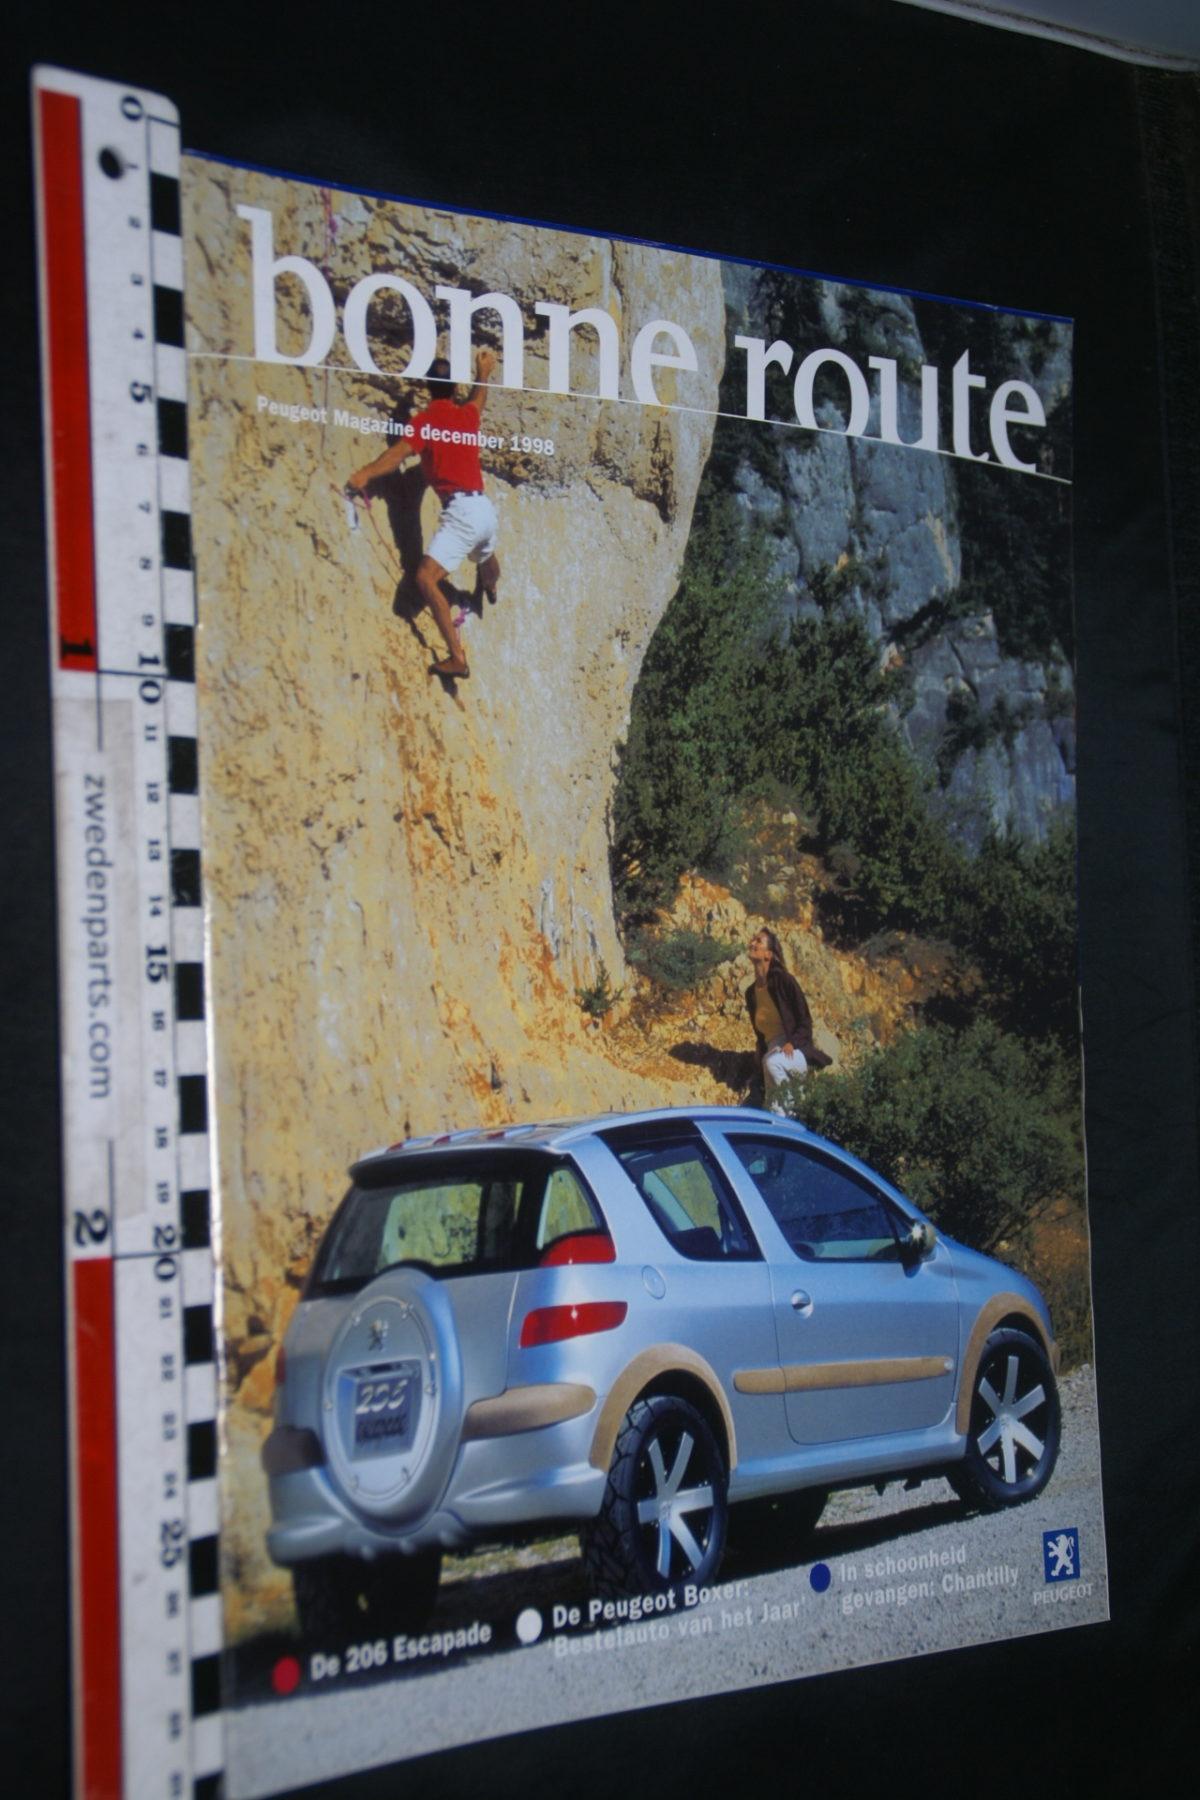 DSC08424 tijdschrift Peugeot Bonne Route 1998 december